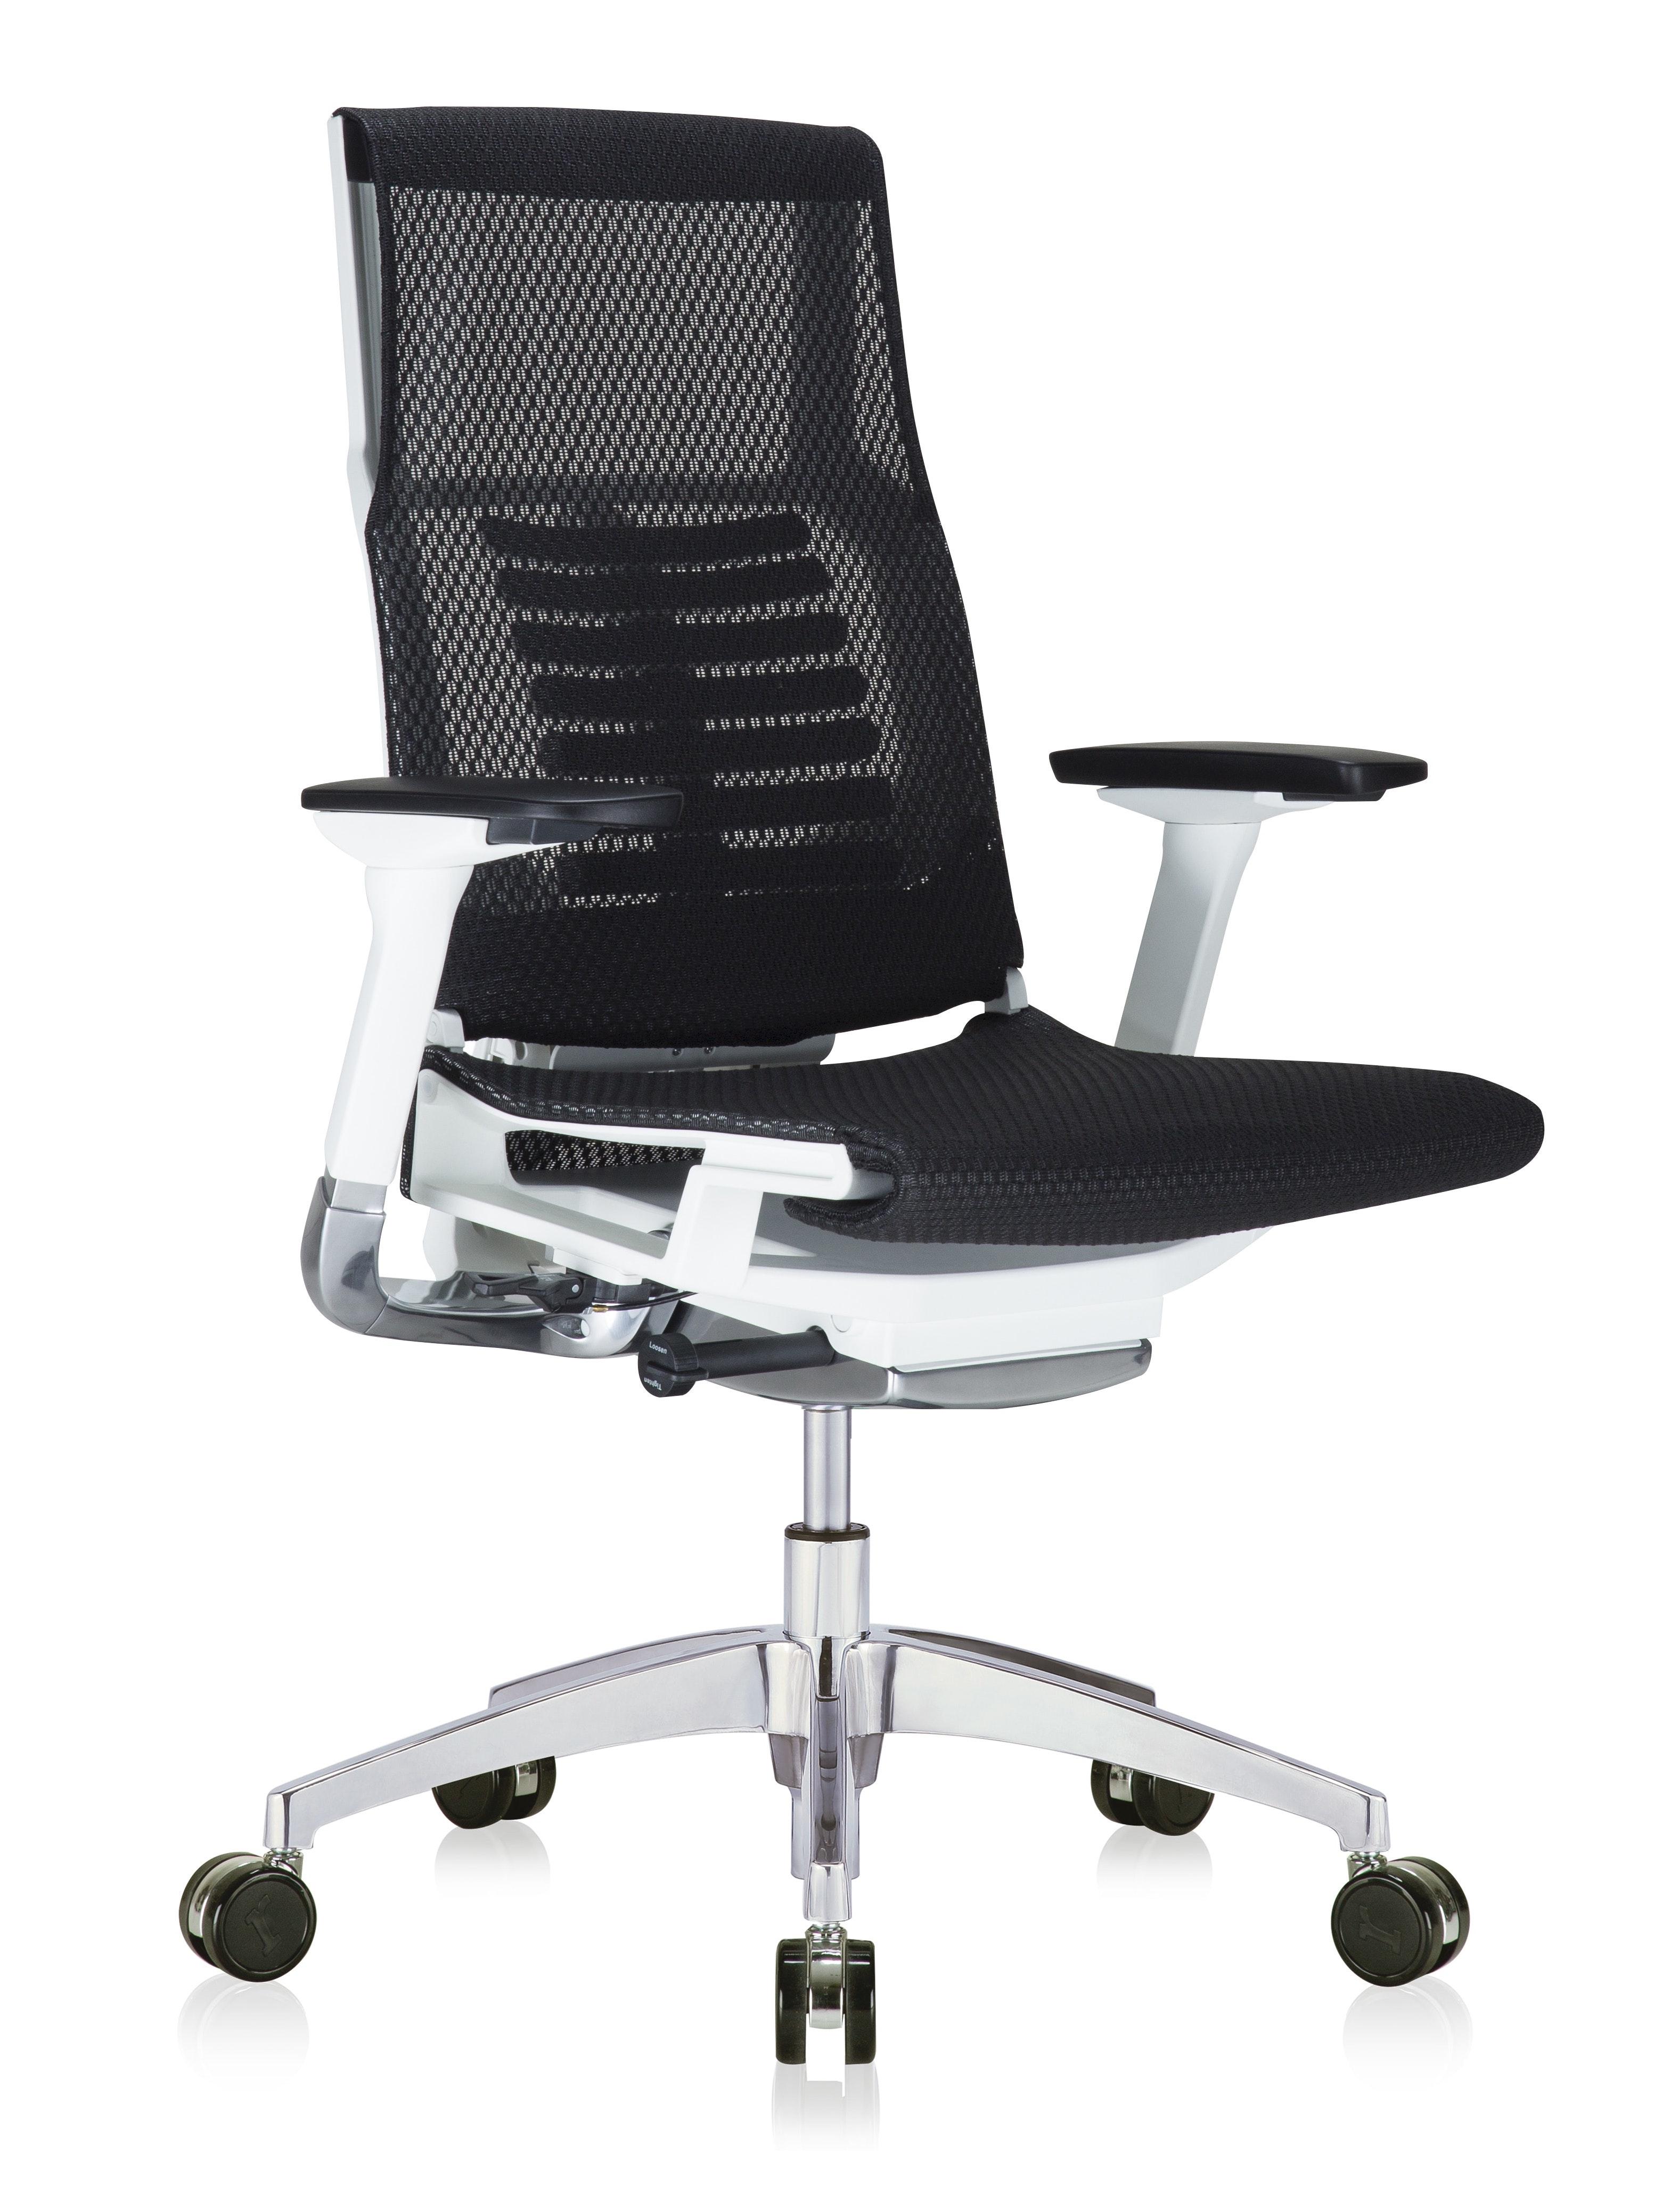 eurotech powerfit black mesh office chair